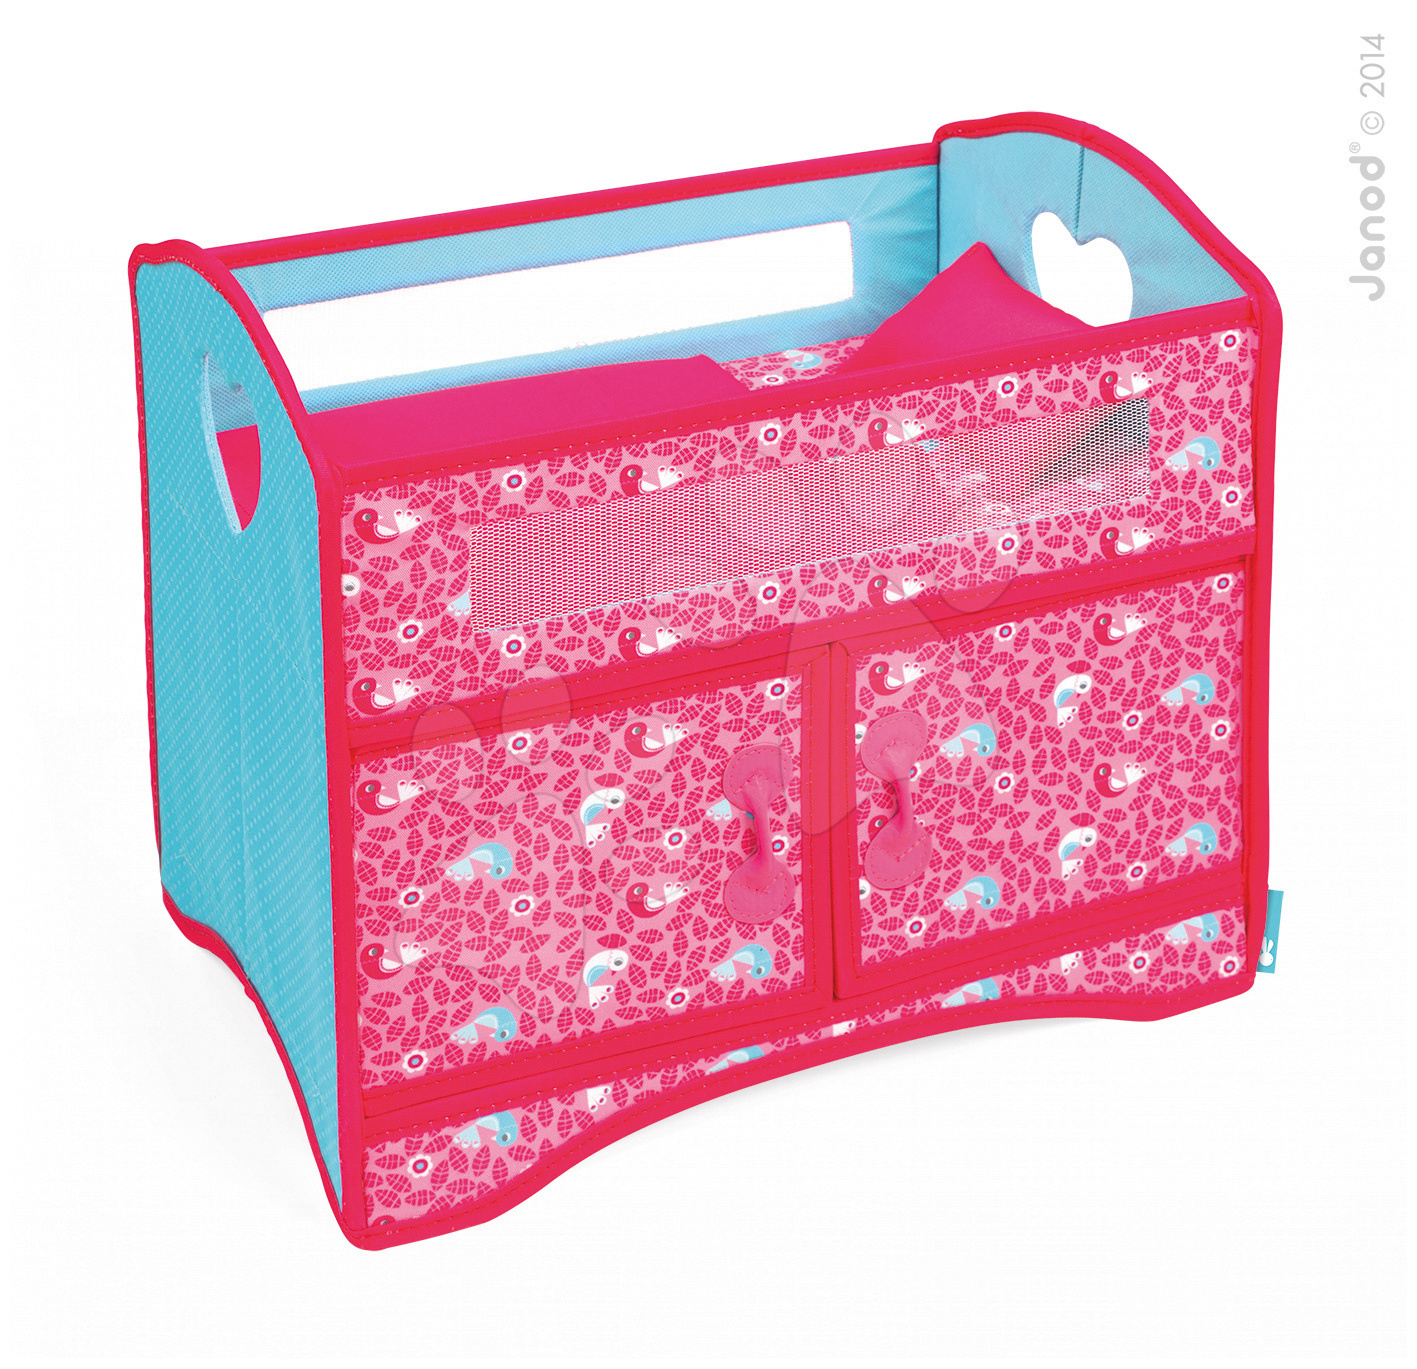 Postýlka pro panenku do 36 cm Birdy Paradise Janod textilní se skříňkou a peřinkou růžová od 24 měsíců